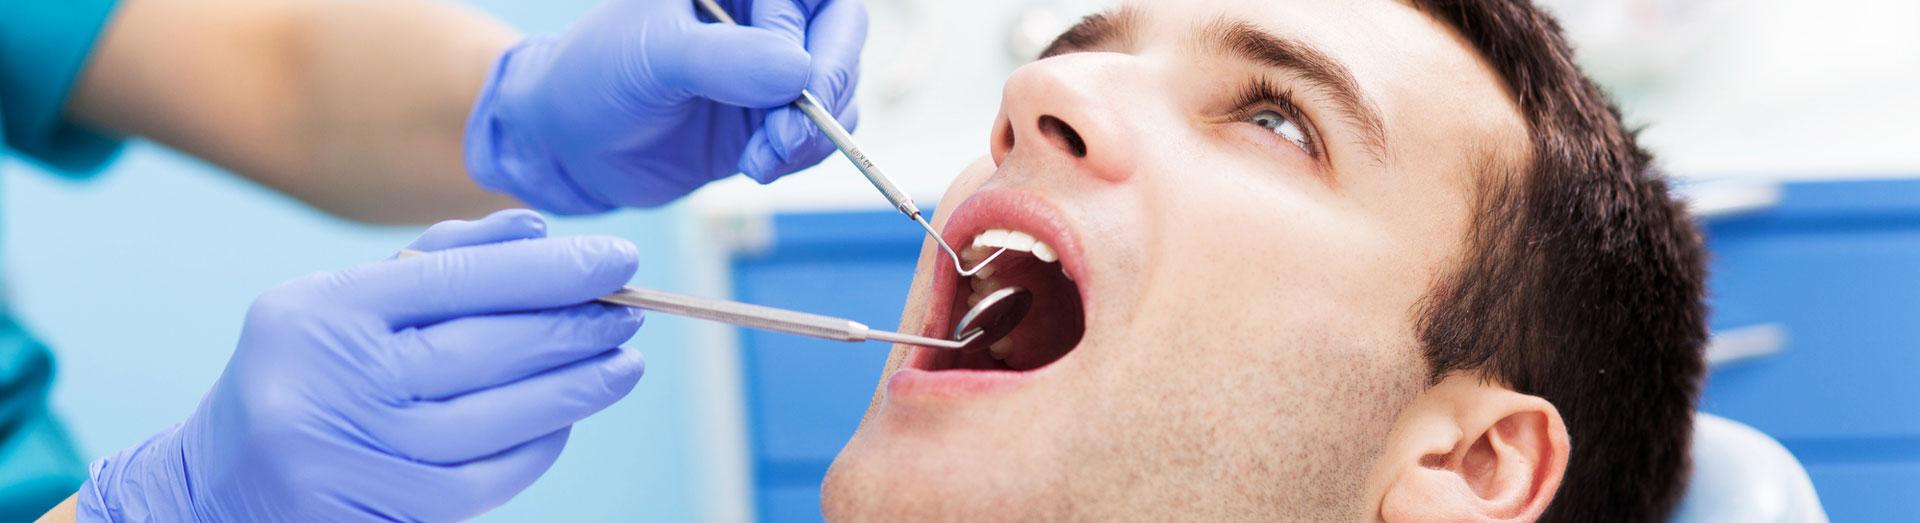 Man at dental clinic